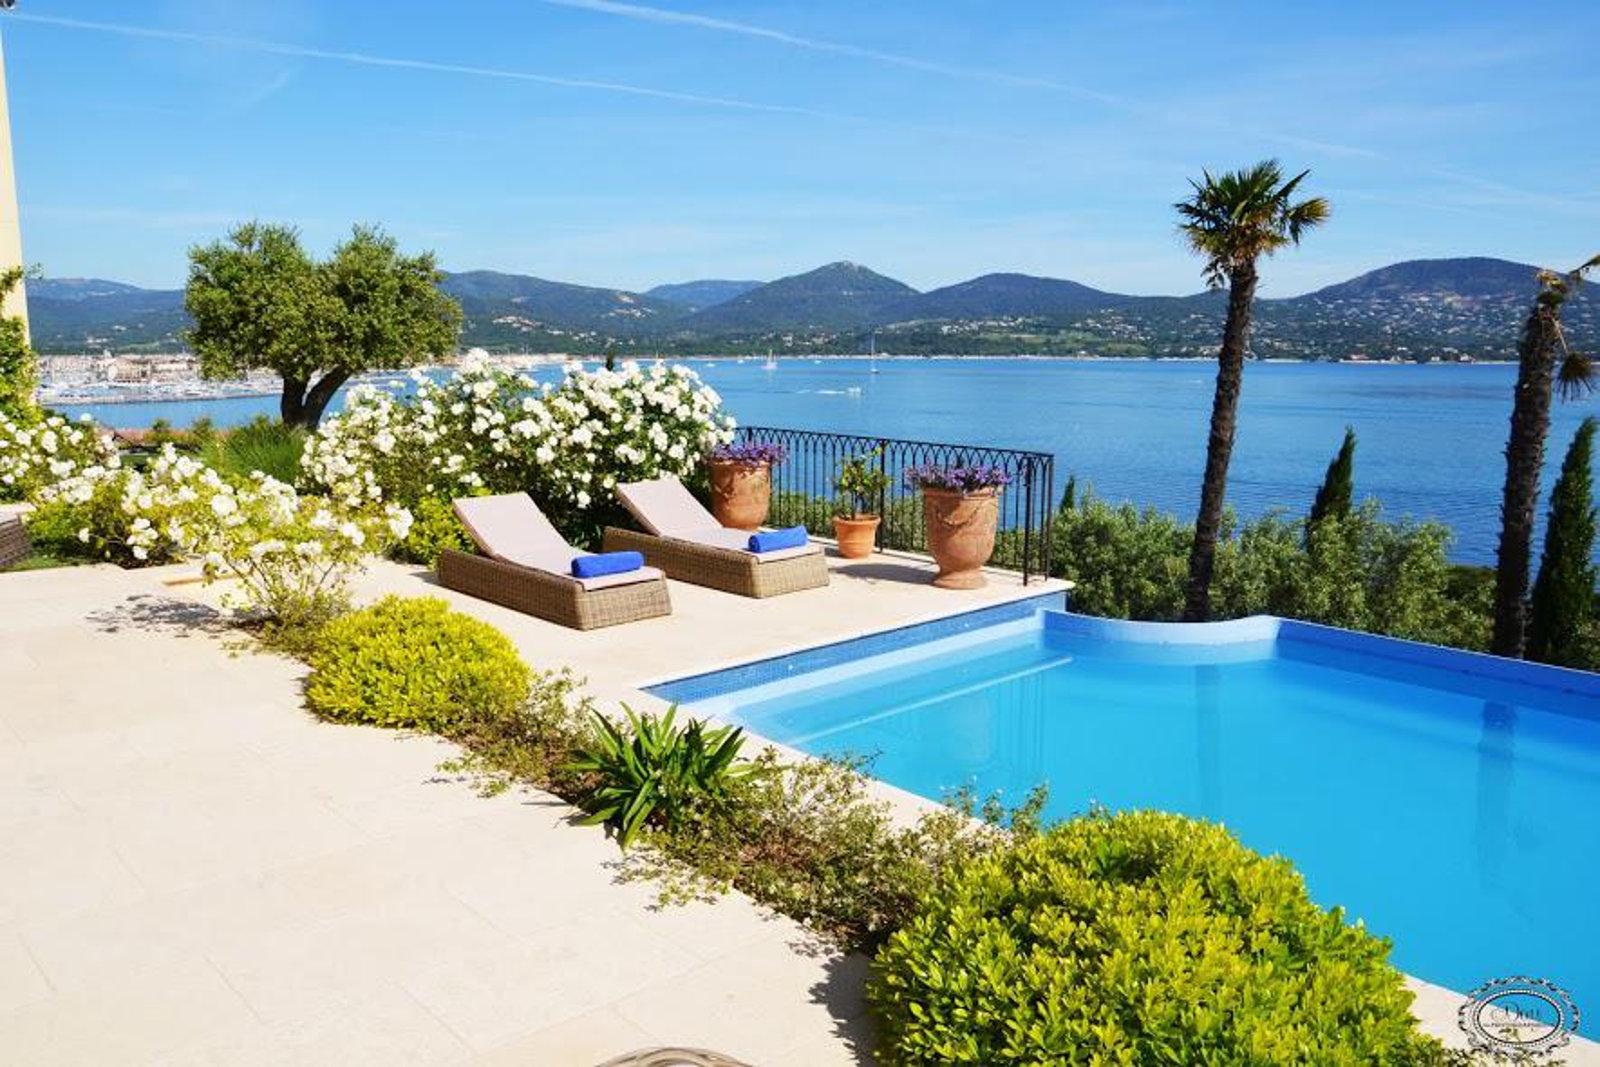 Villas 4 You Villas in France. Rent a Luxury Villas 4 You